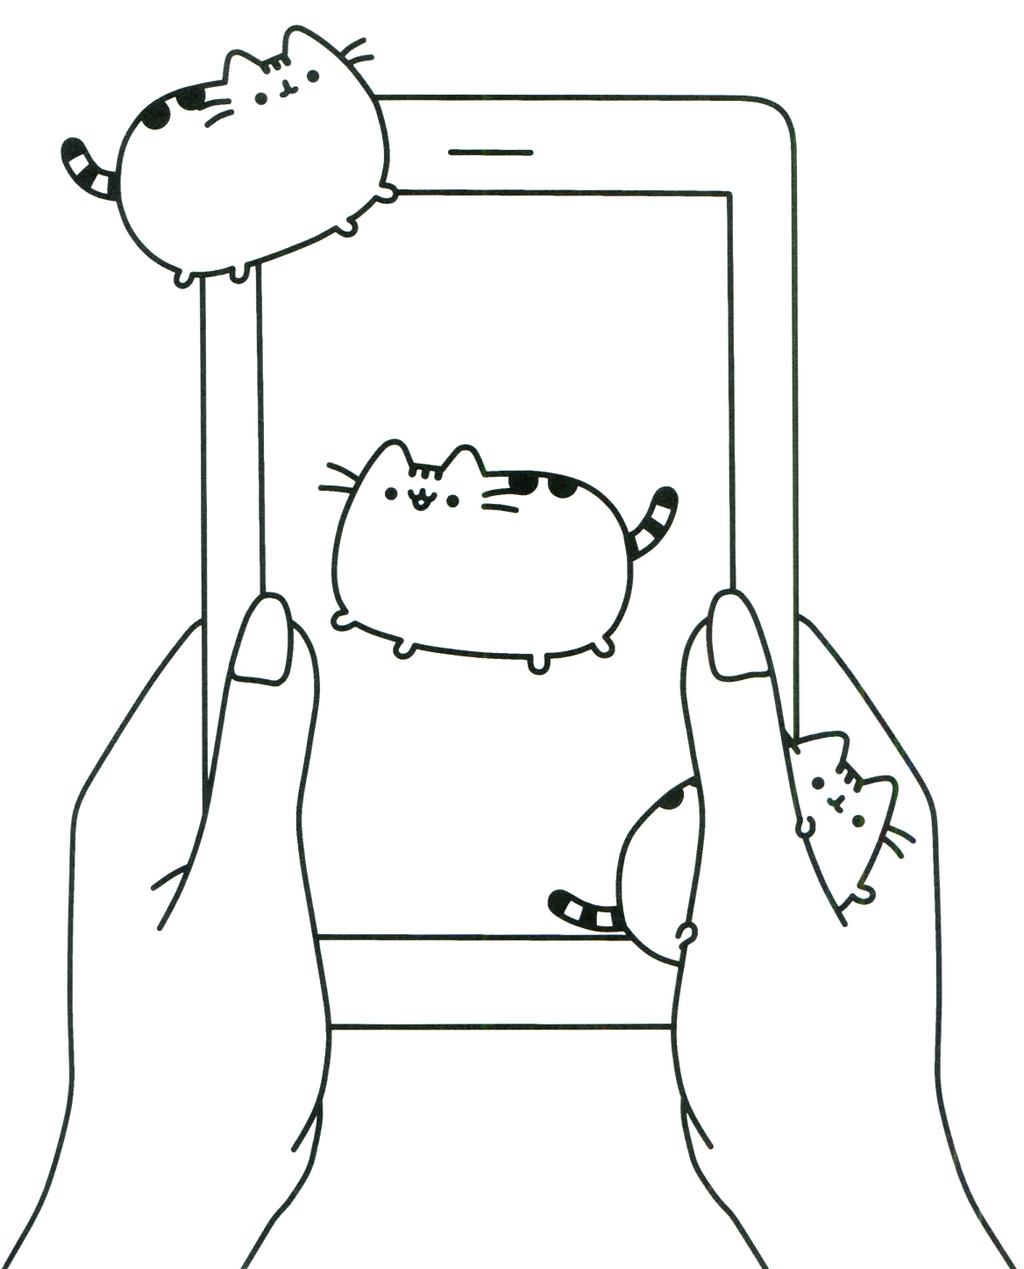 Kawaii Pusheen the Cat Smartphone Coloring Sheet